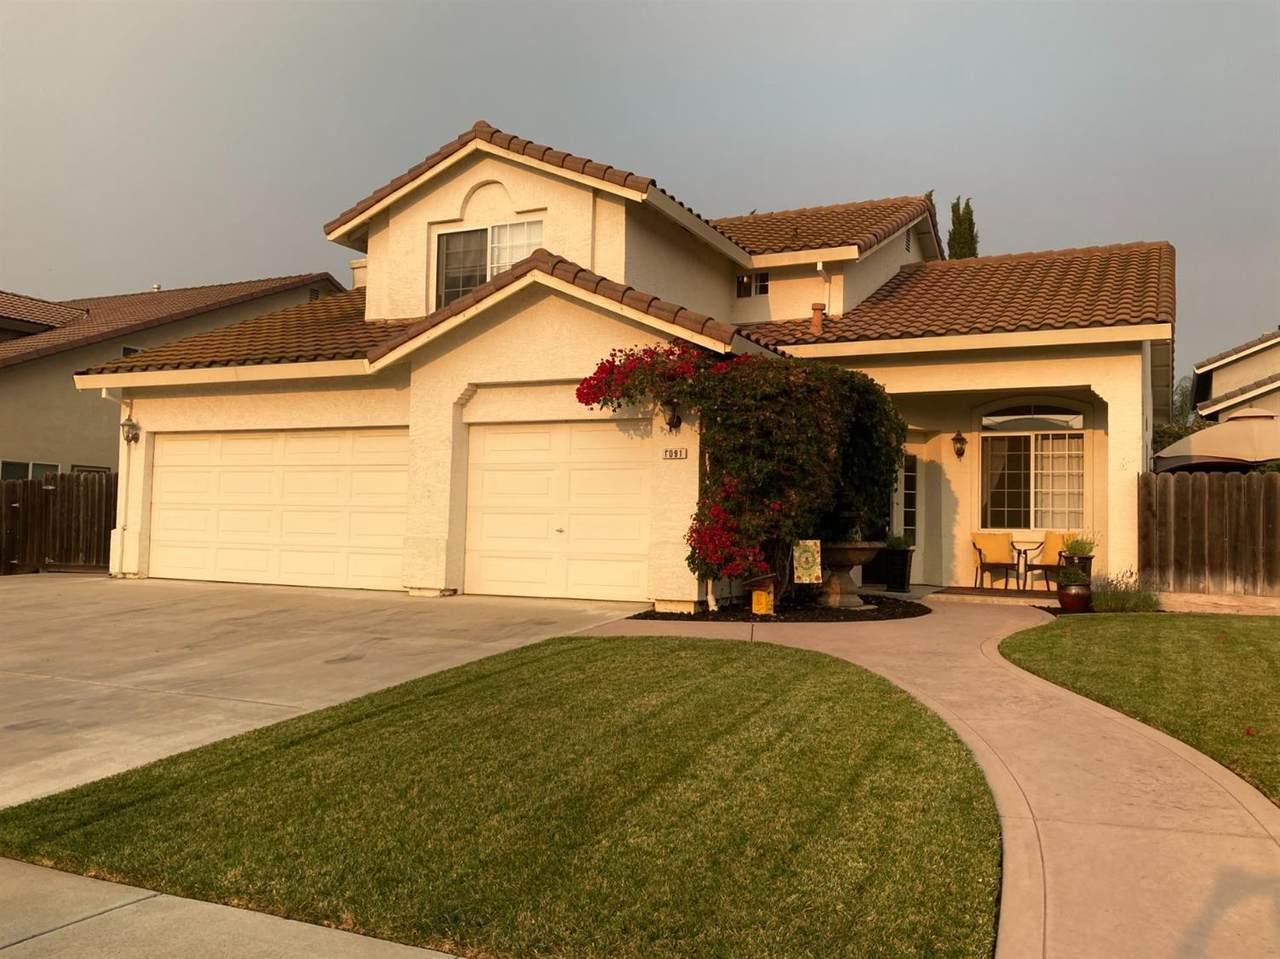 1091 Los Altos Drive - Photo 1